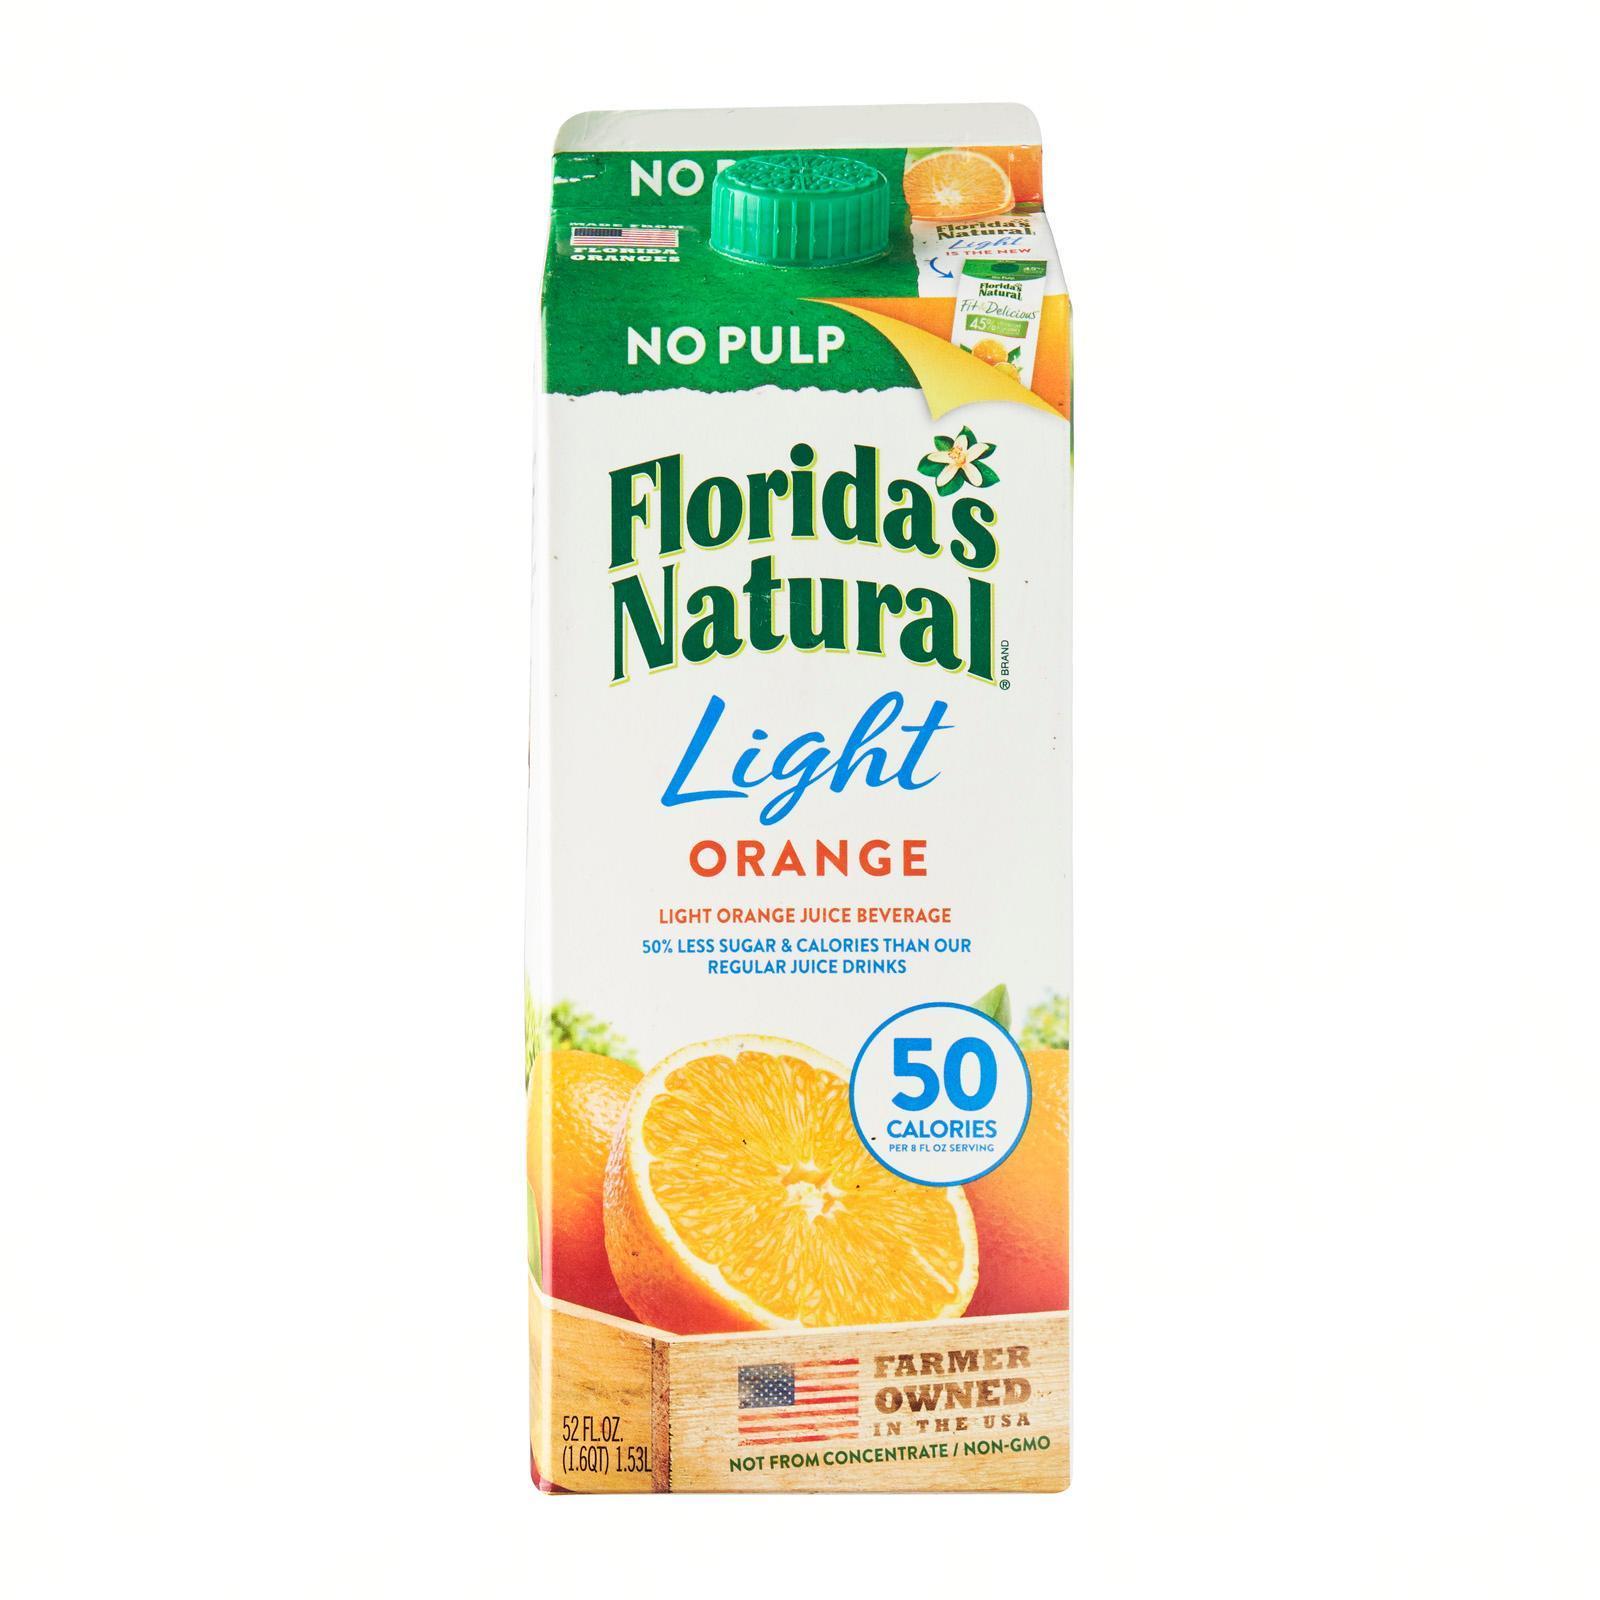 FLORIDA'S NATURAL Light Premium Orange (No Pulp) 1.5L